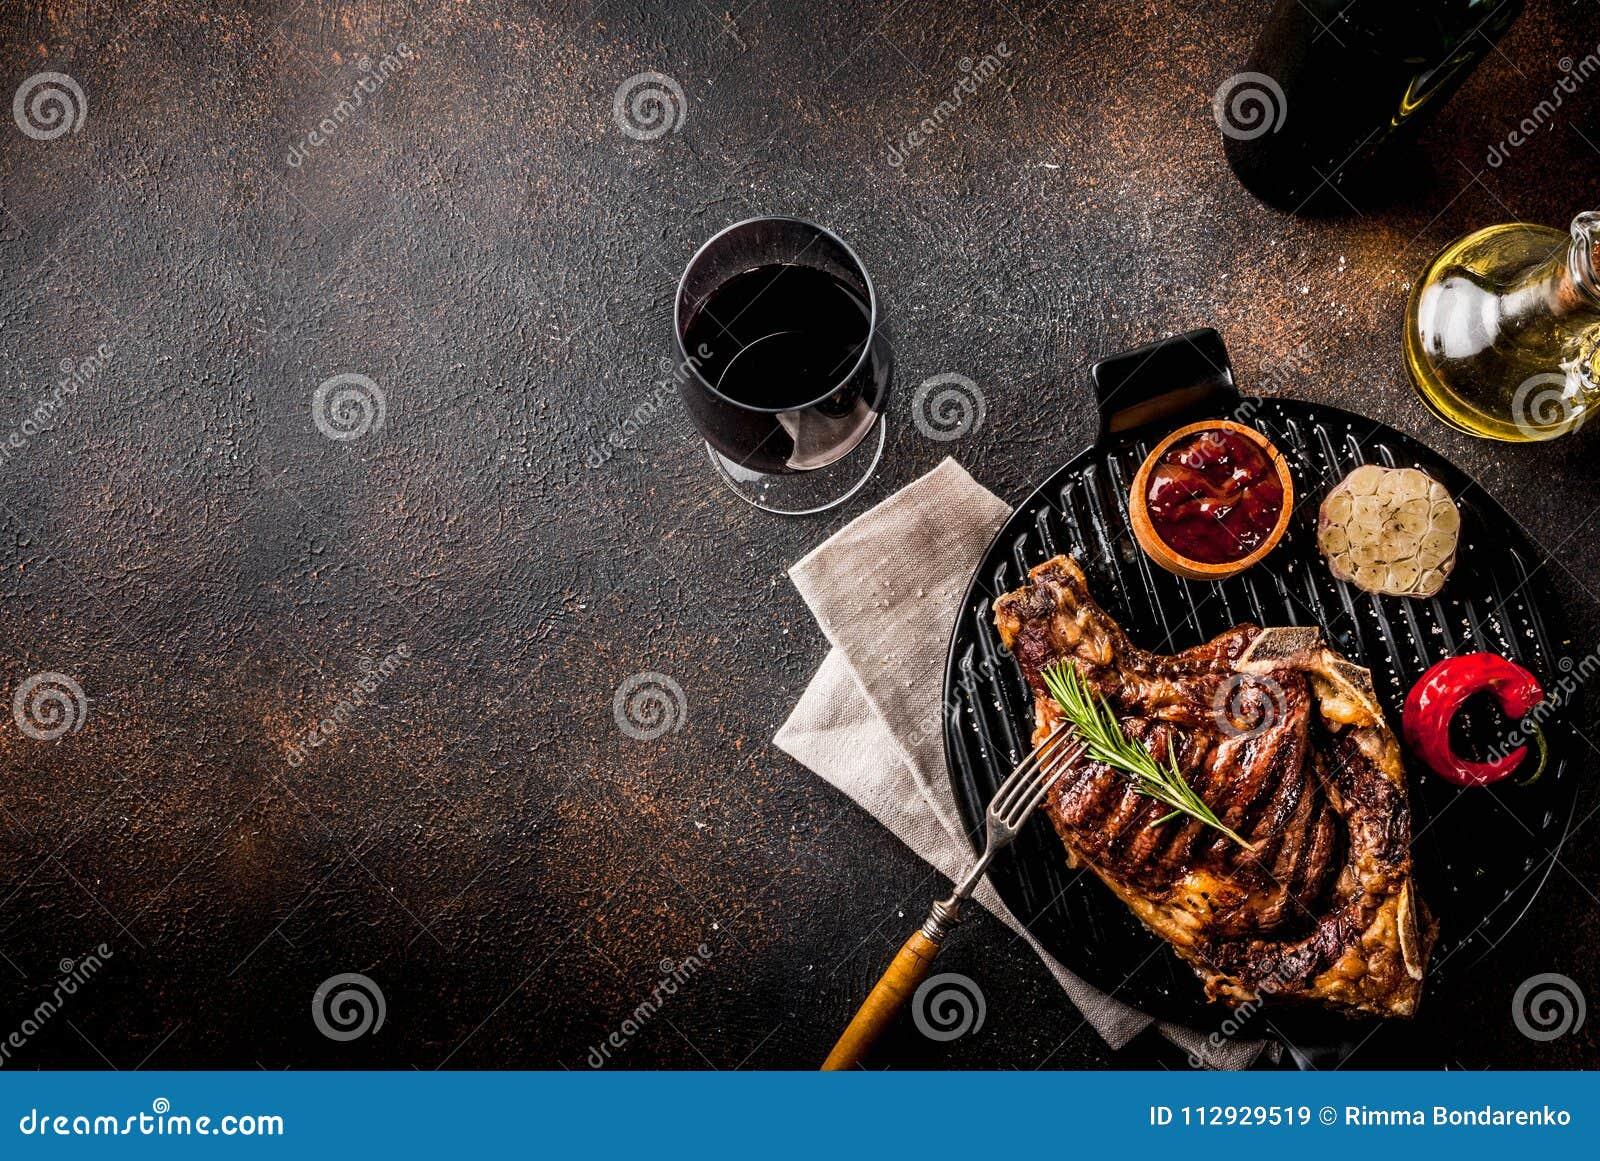 Nytt grillat kött